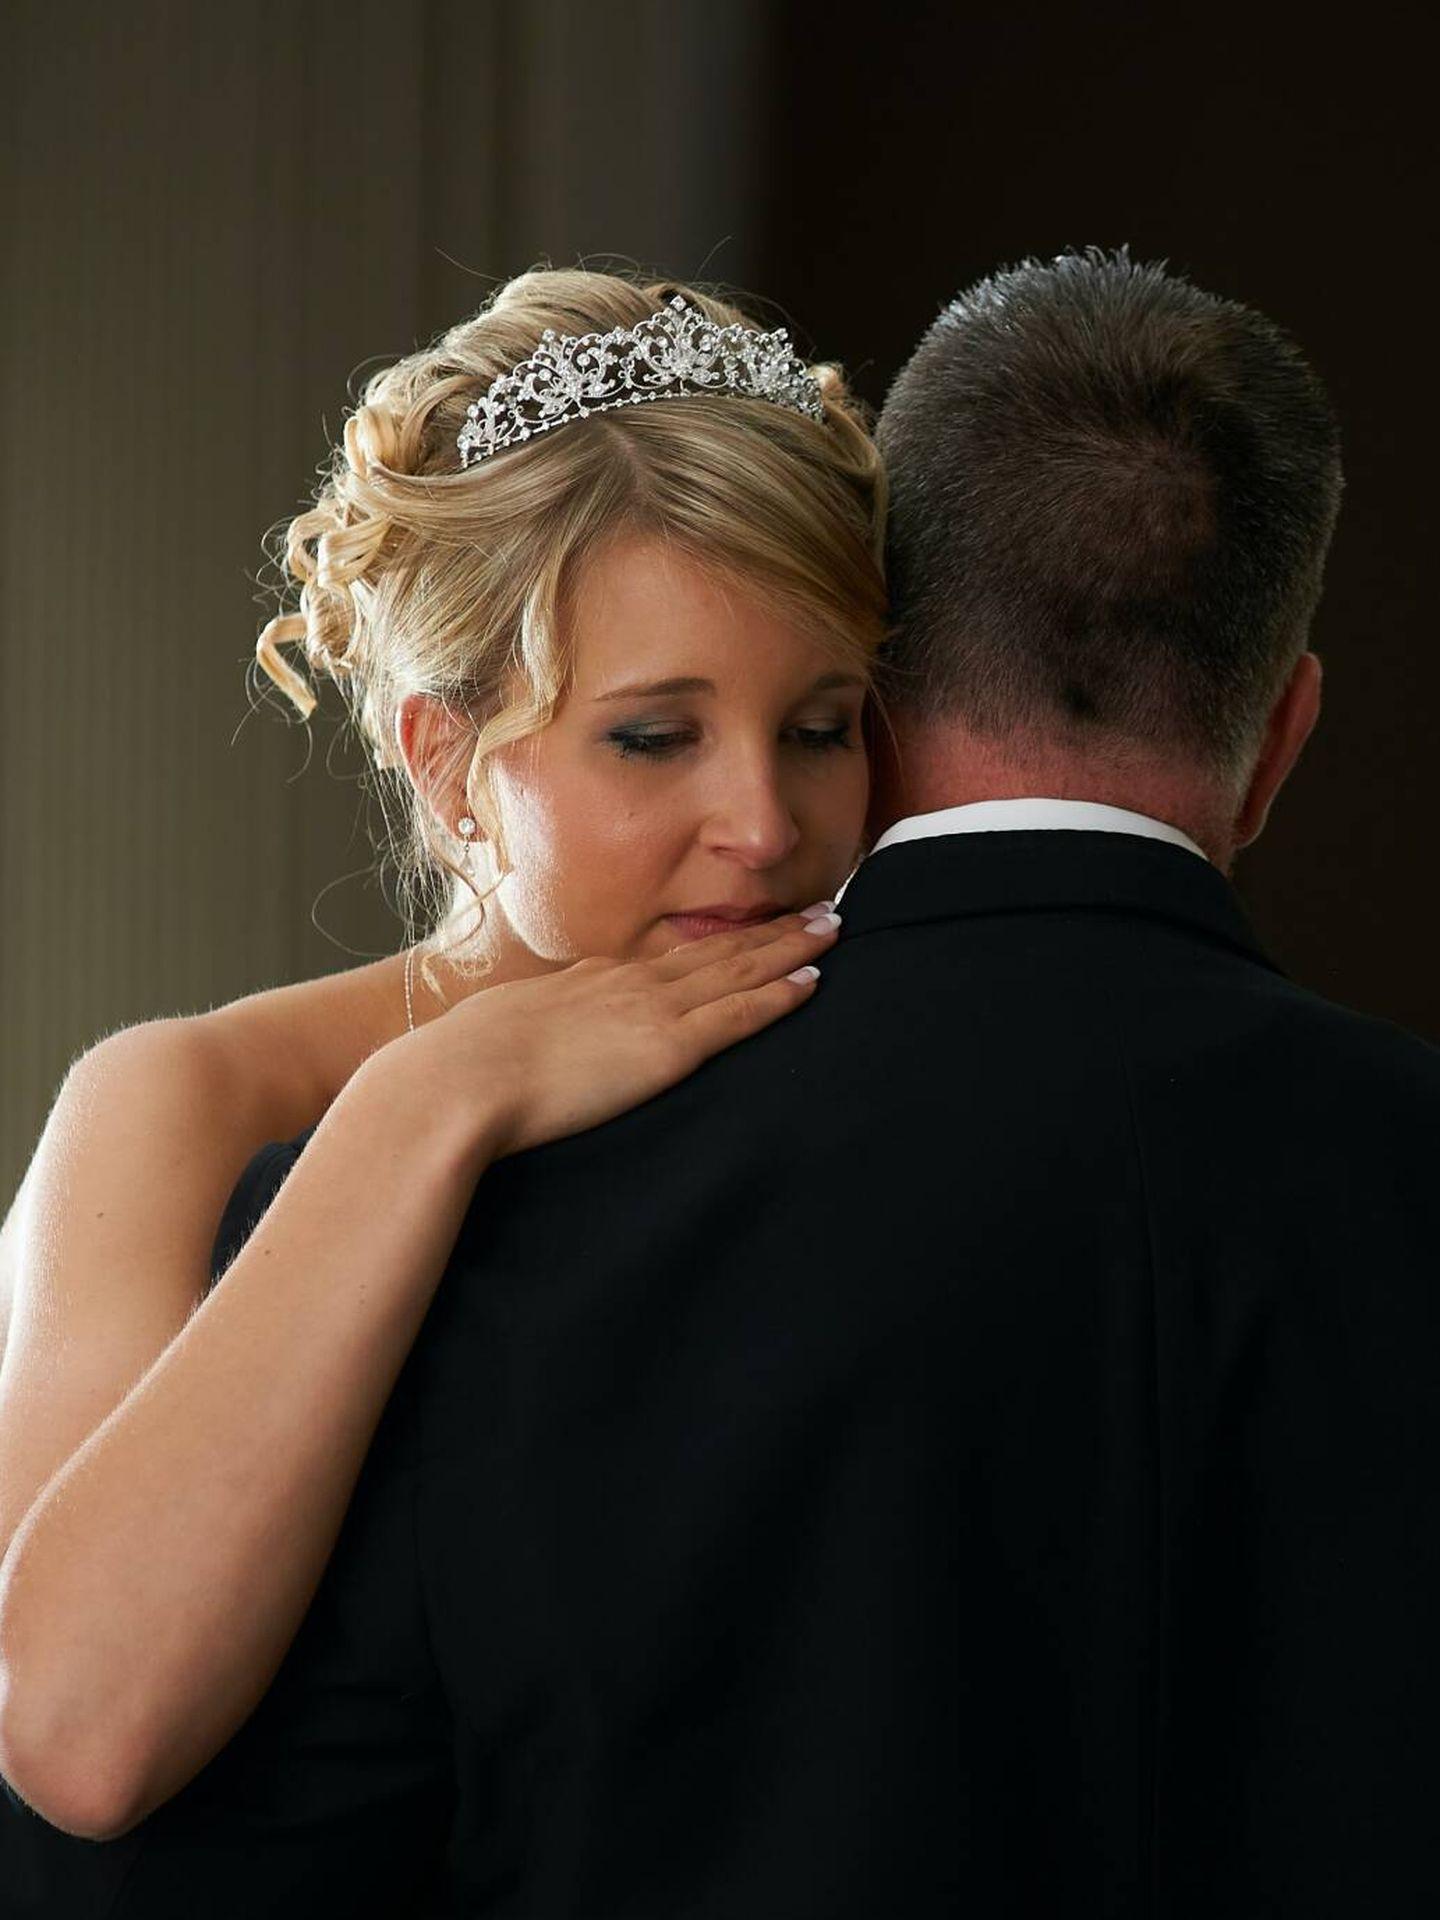 Canción para el primer baile casados. ( Chip Vincent para Unsplash)